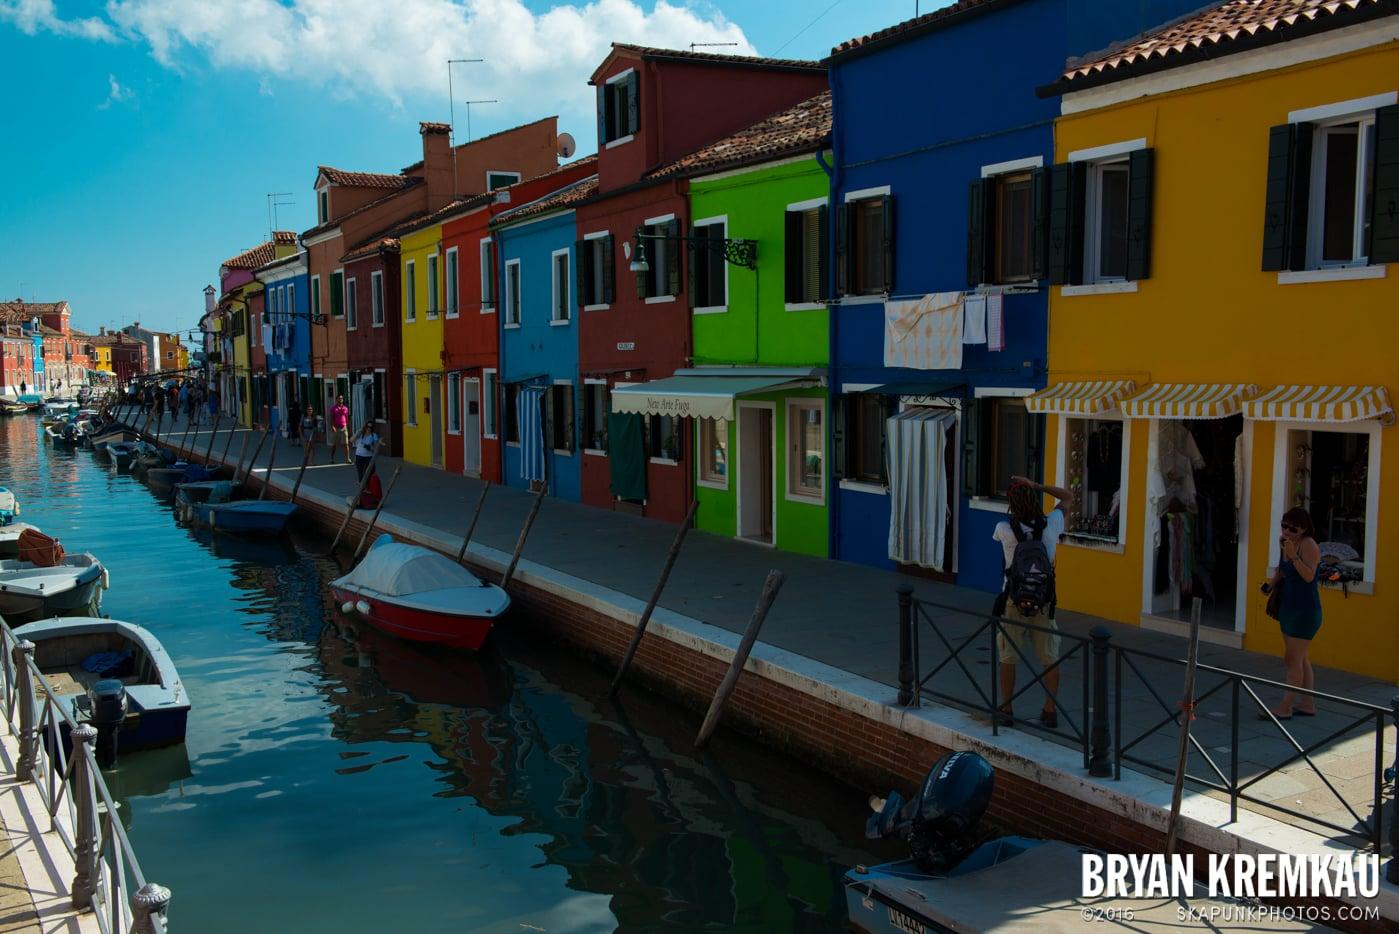 Italy Vacation - Day 6: Murano, Burano, Venice - 9.14.13 (29)